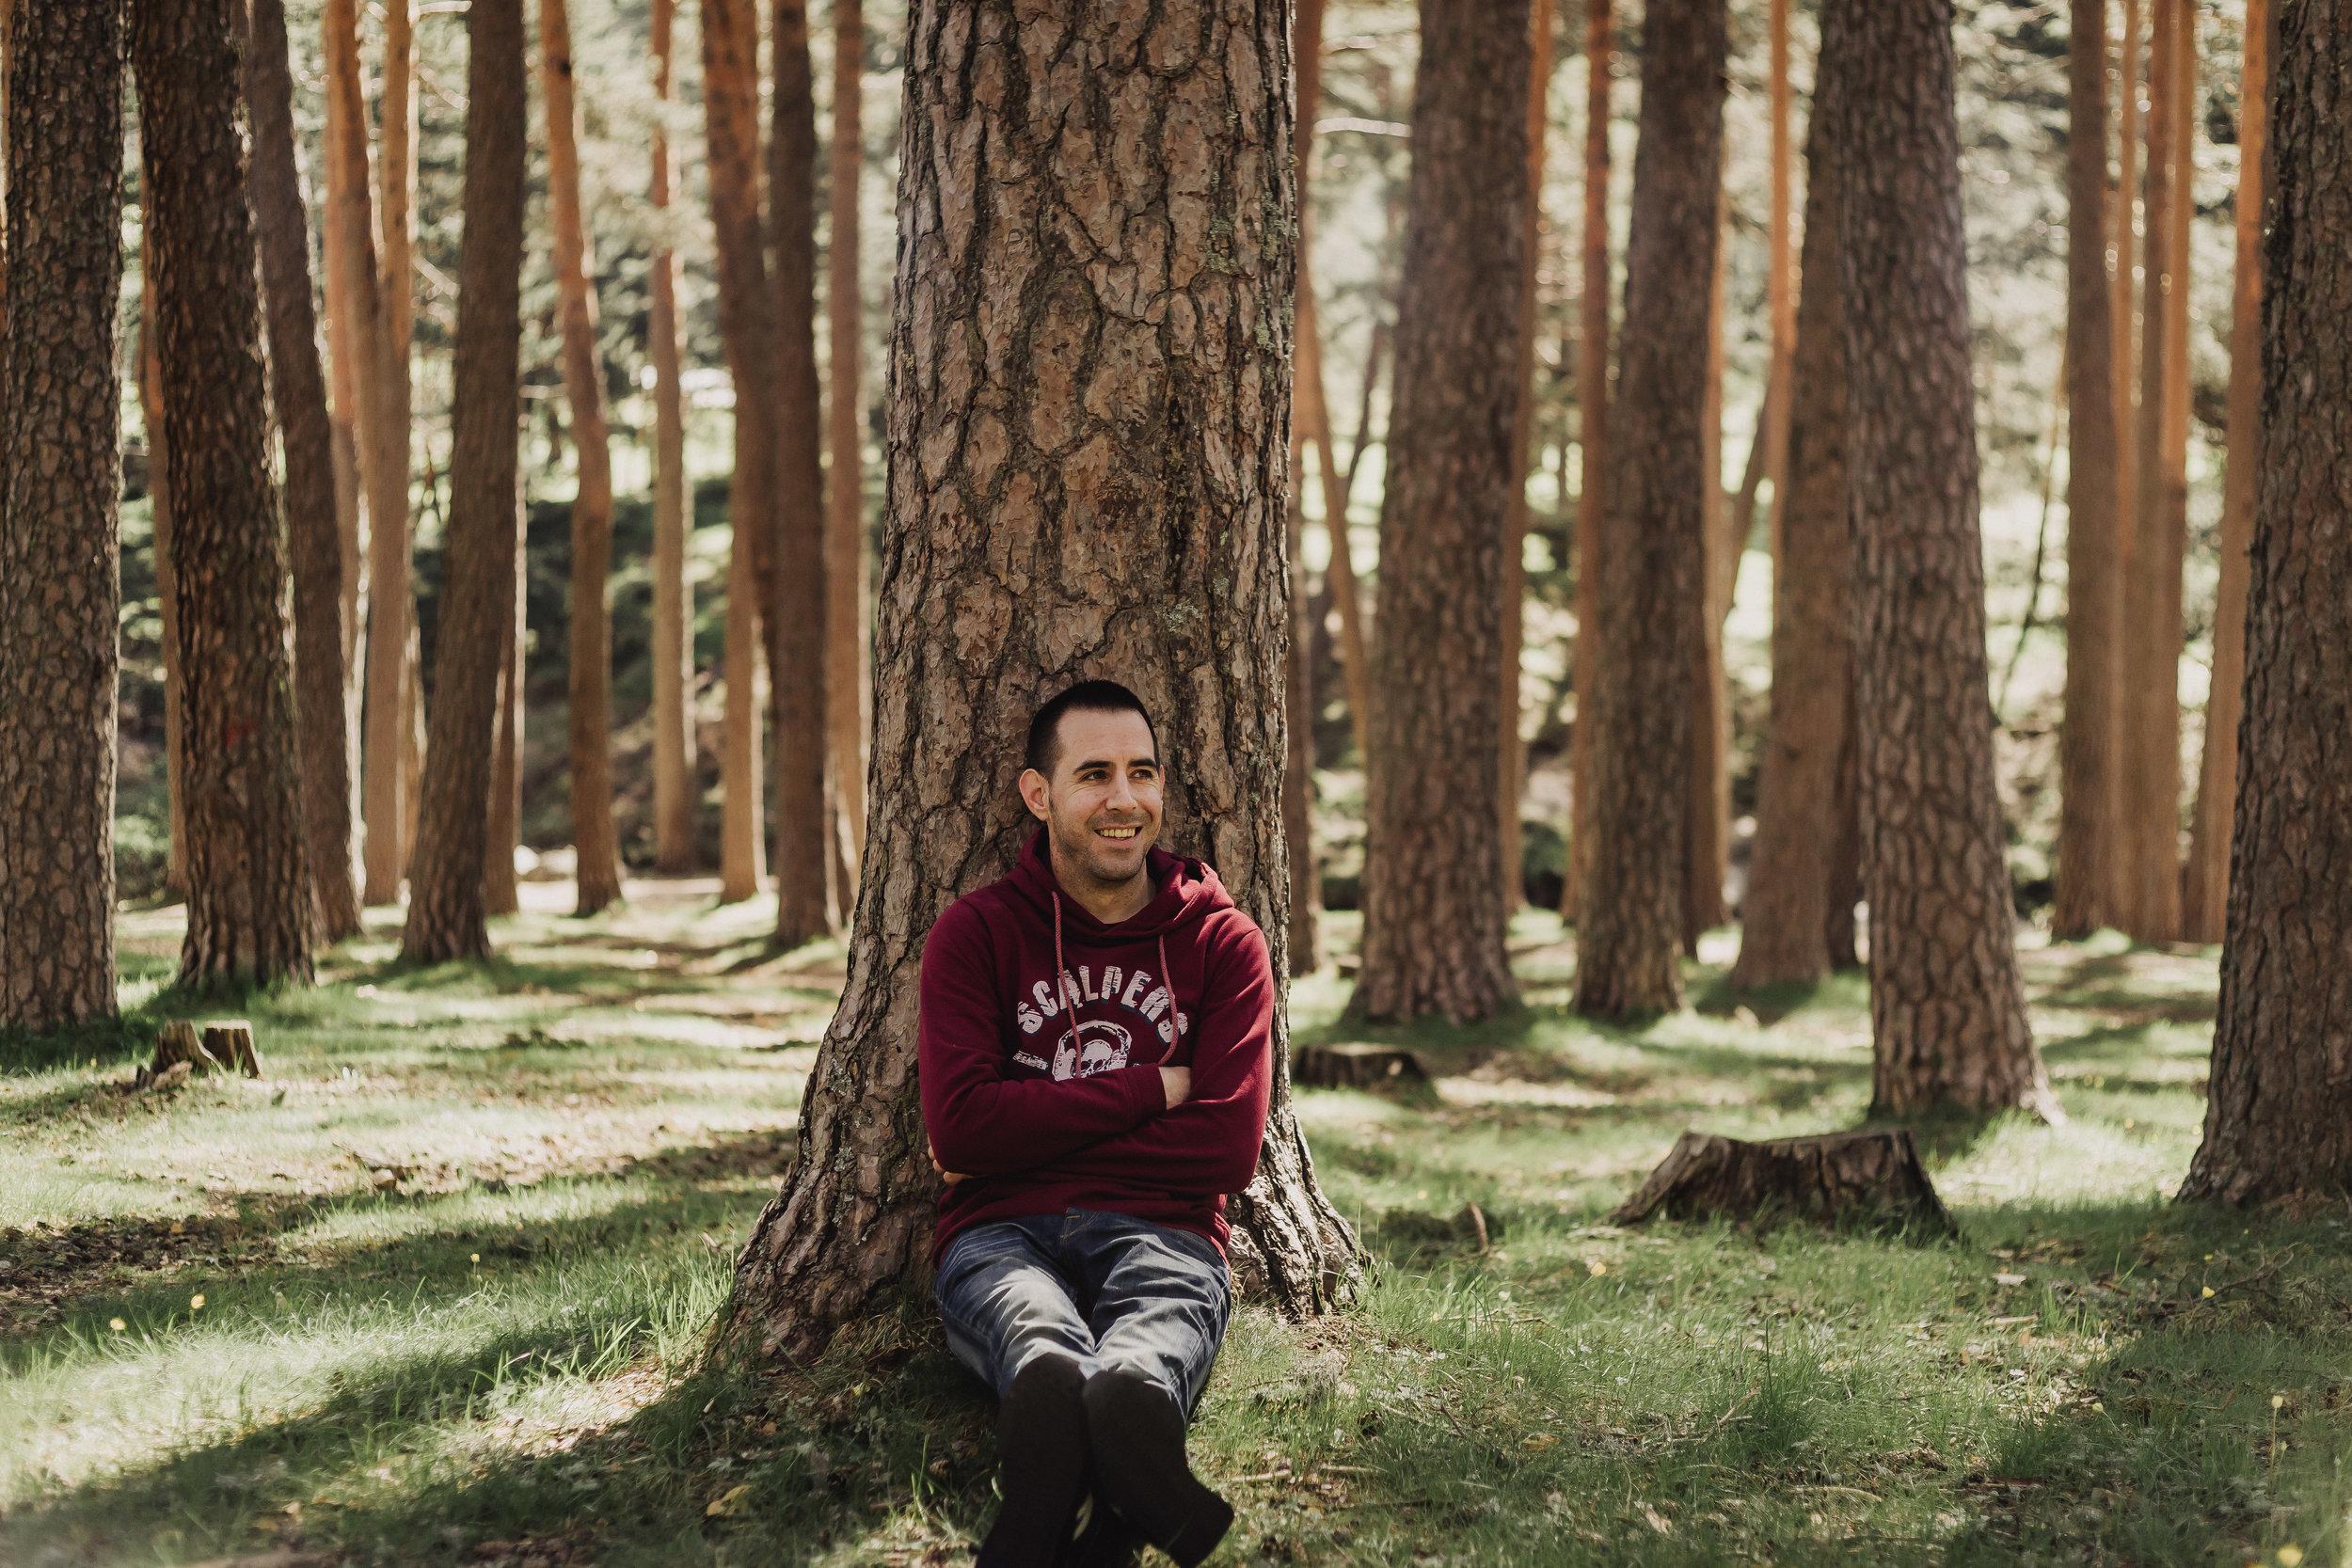 preboda-en- bosque-52.jpg